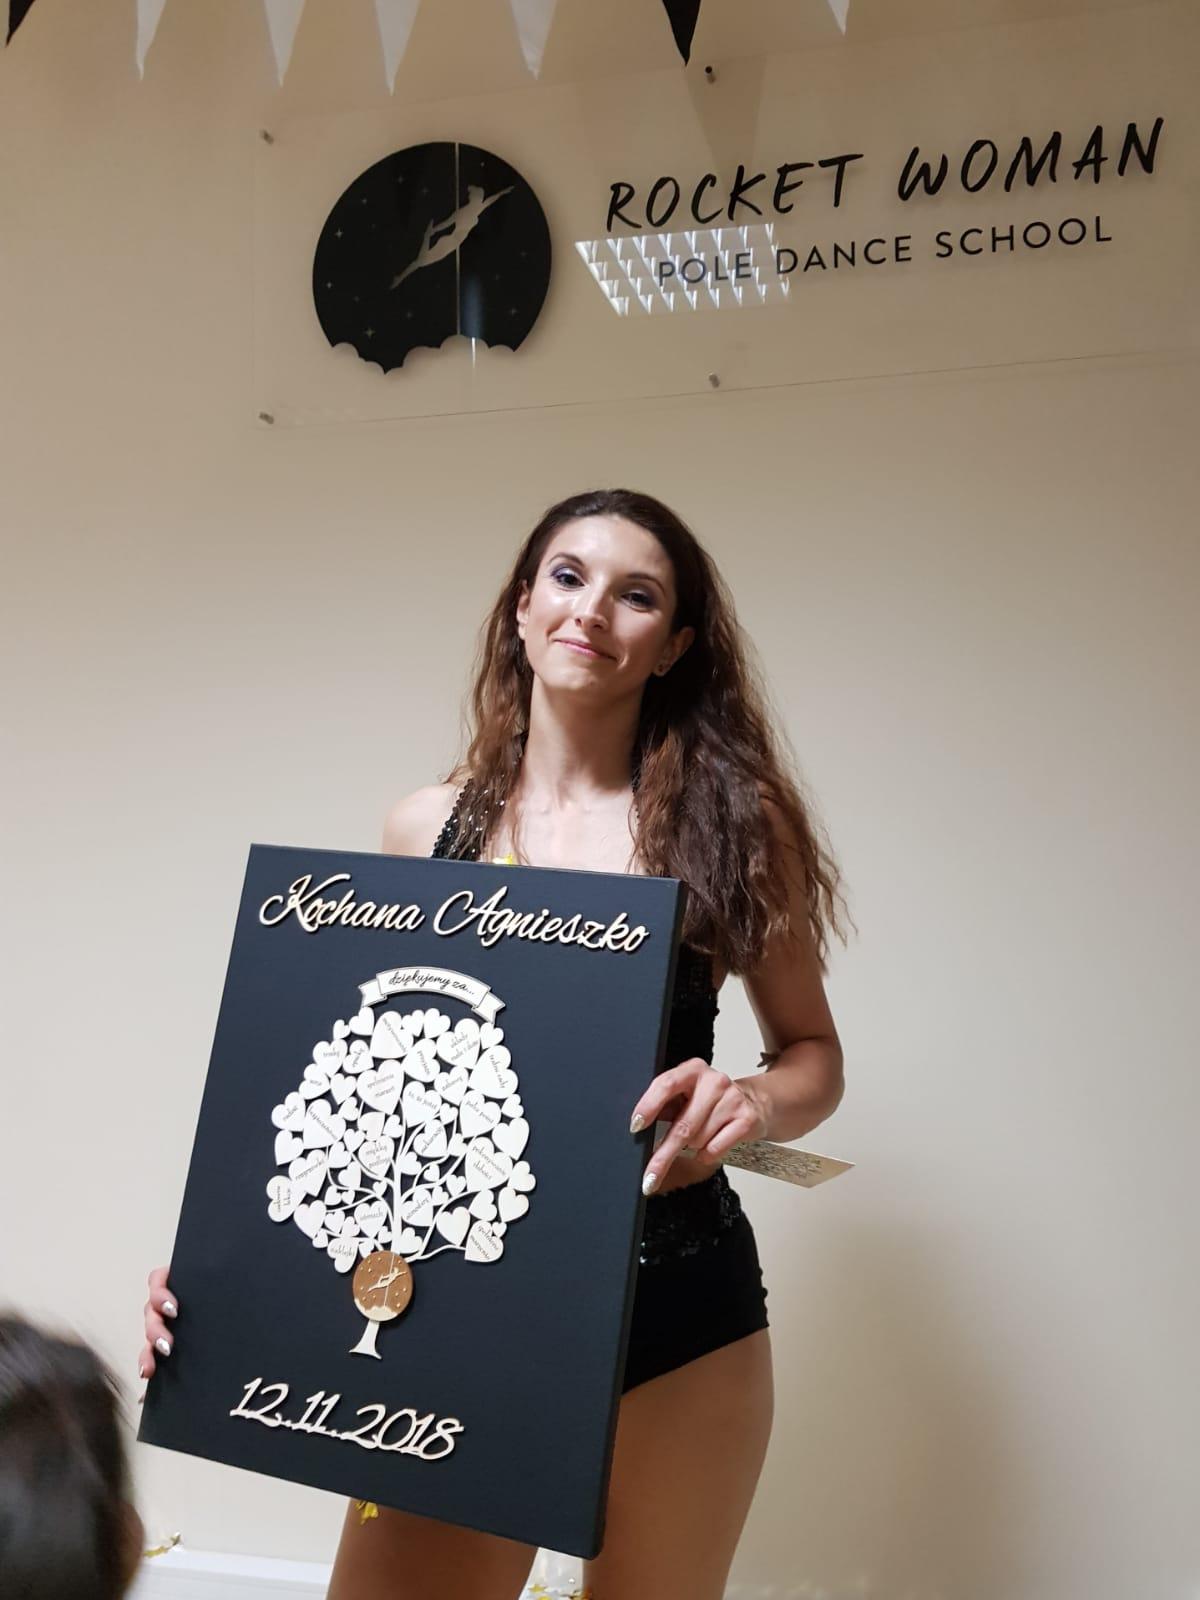 Pierwsze urodziny szkoły - właścicielka szkoły z prezentem od swoich kursantów 🎉 ✨